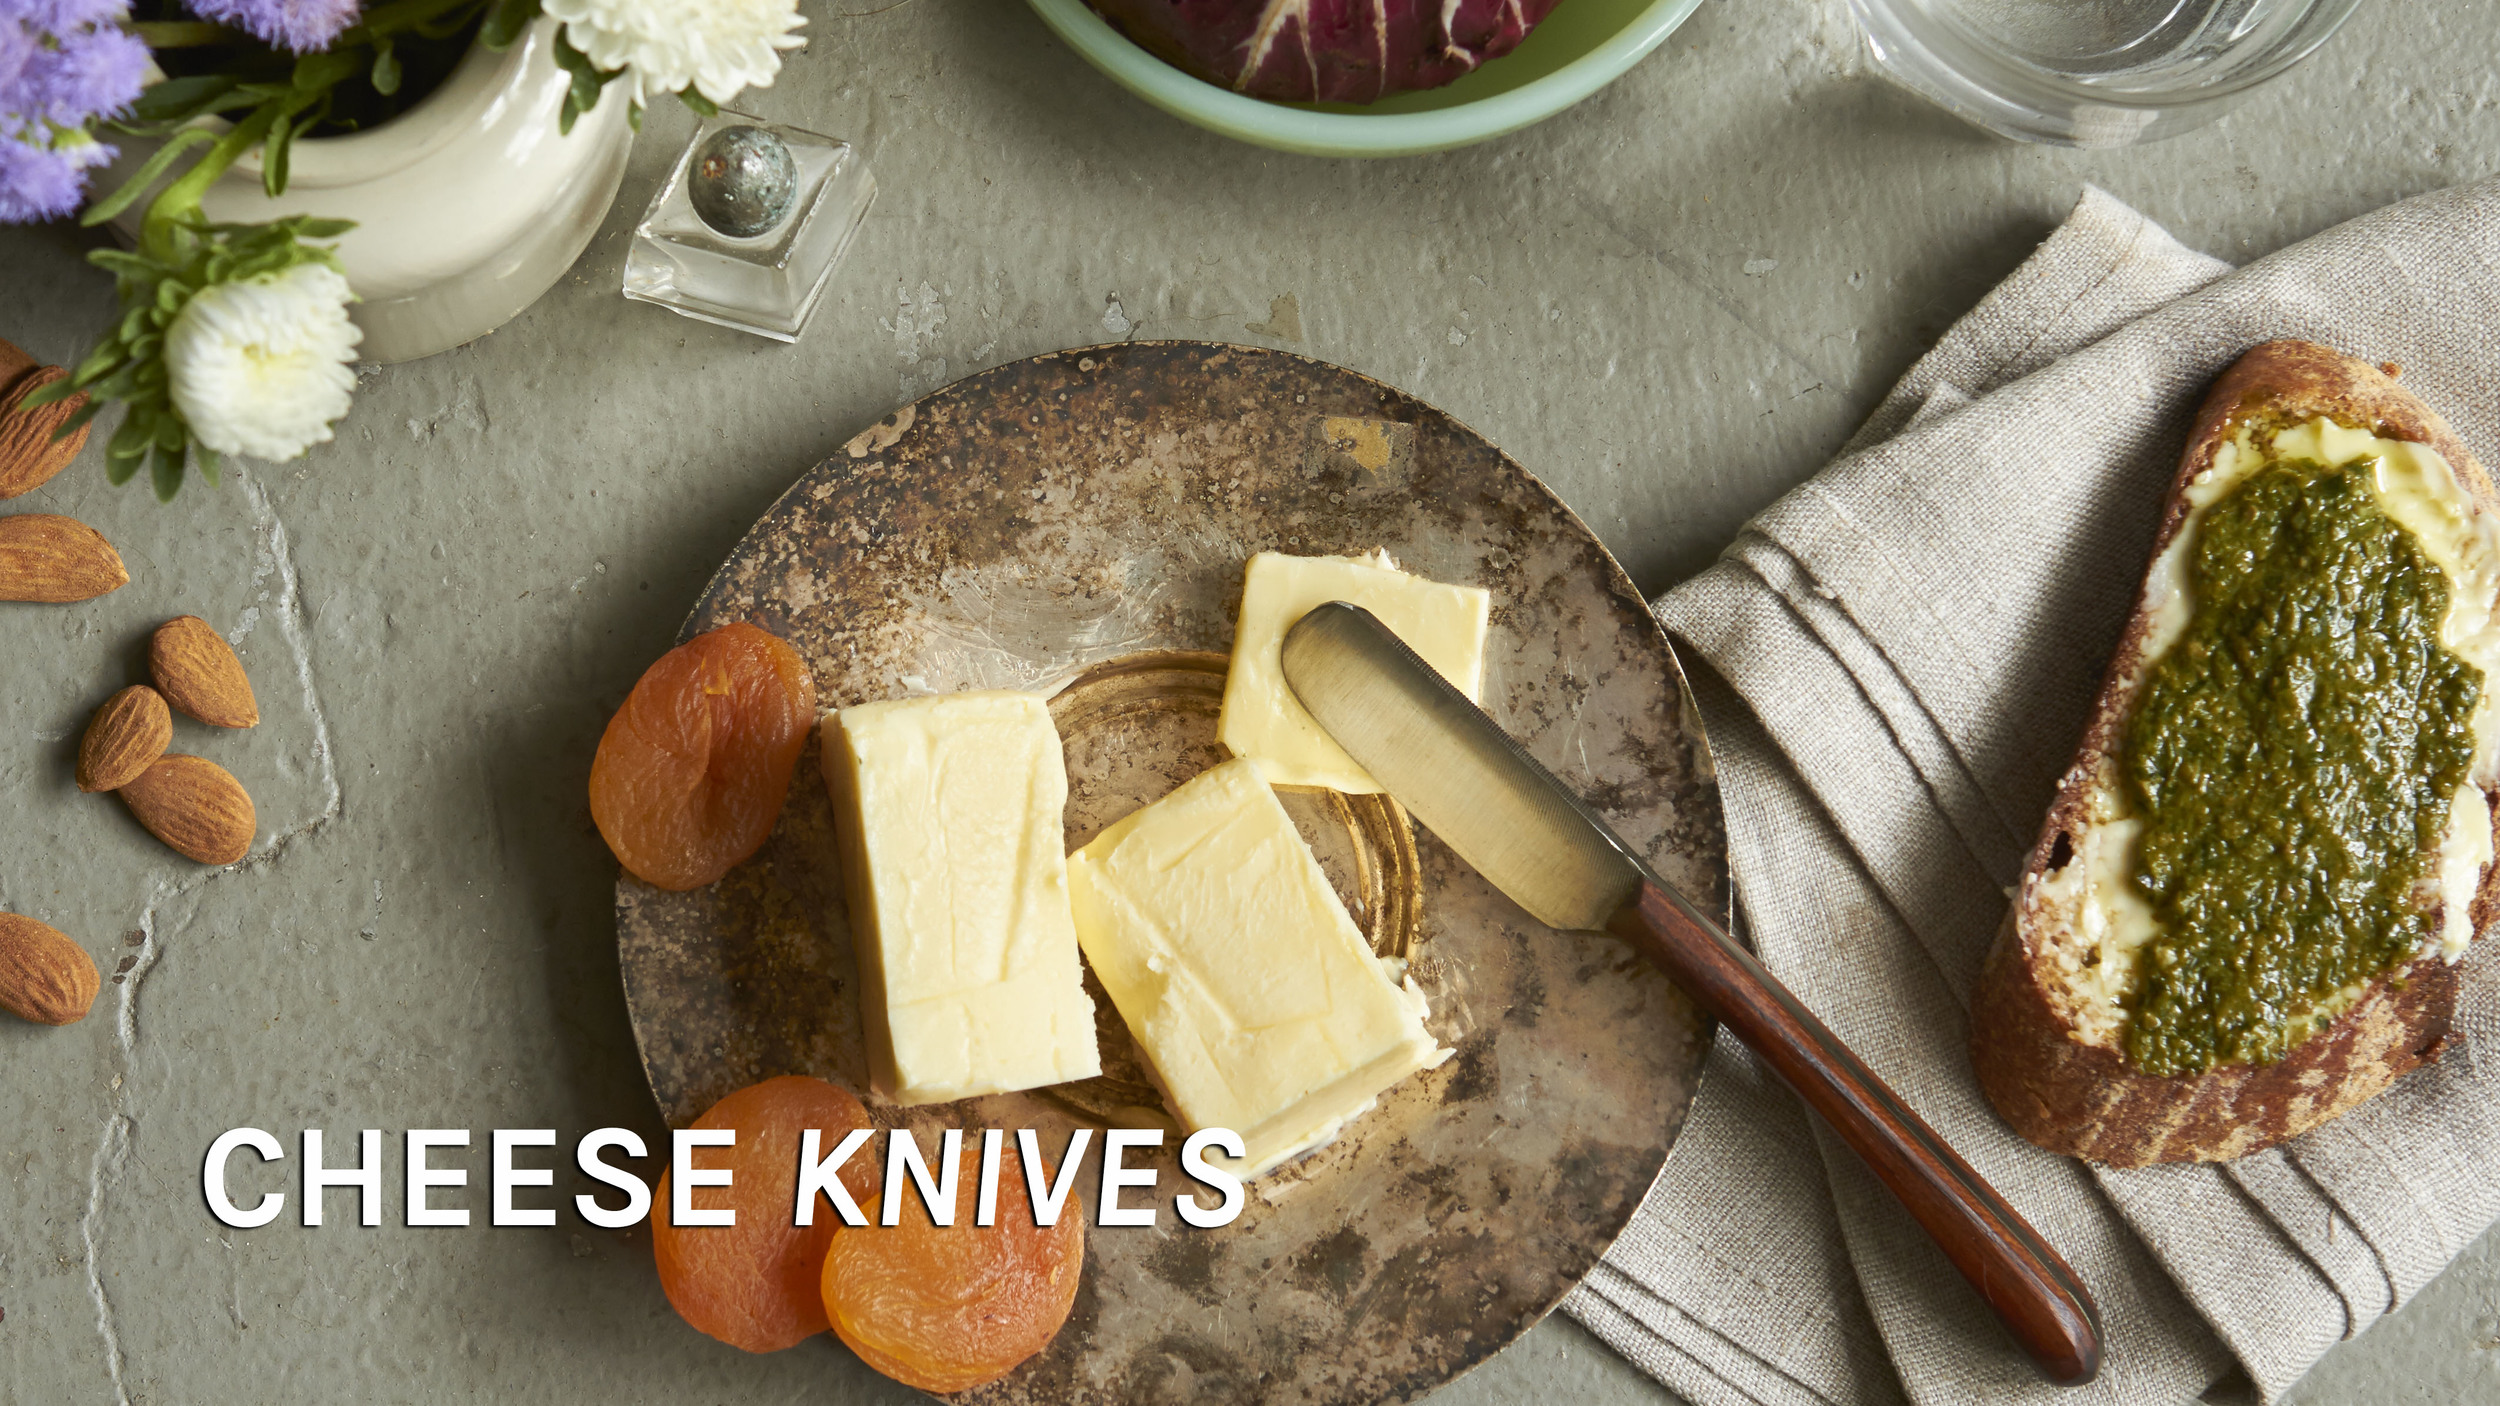 Cheese_knives_thumb.jpg